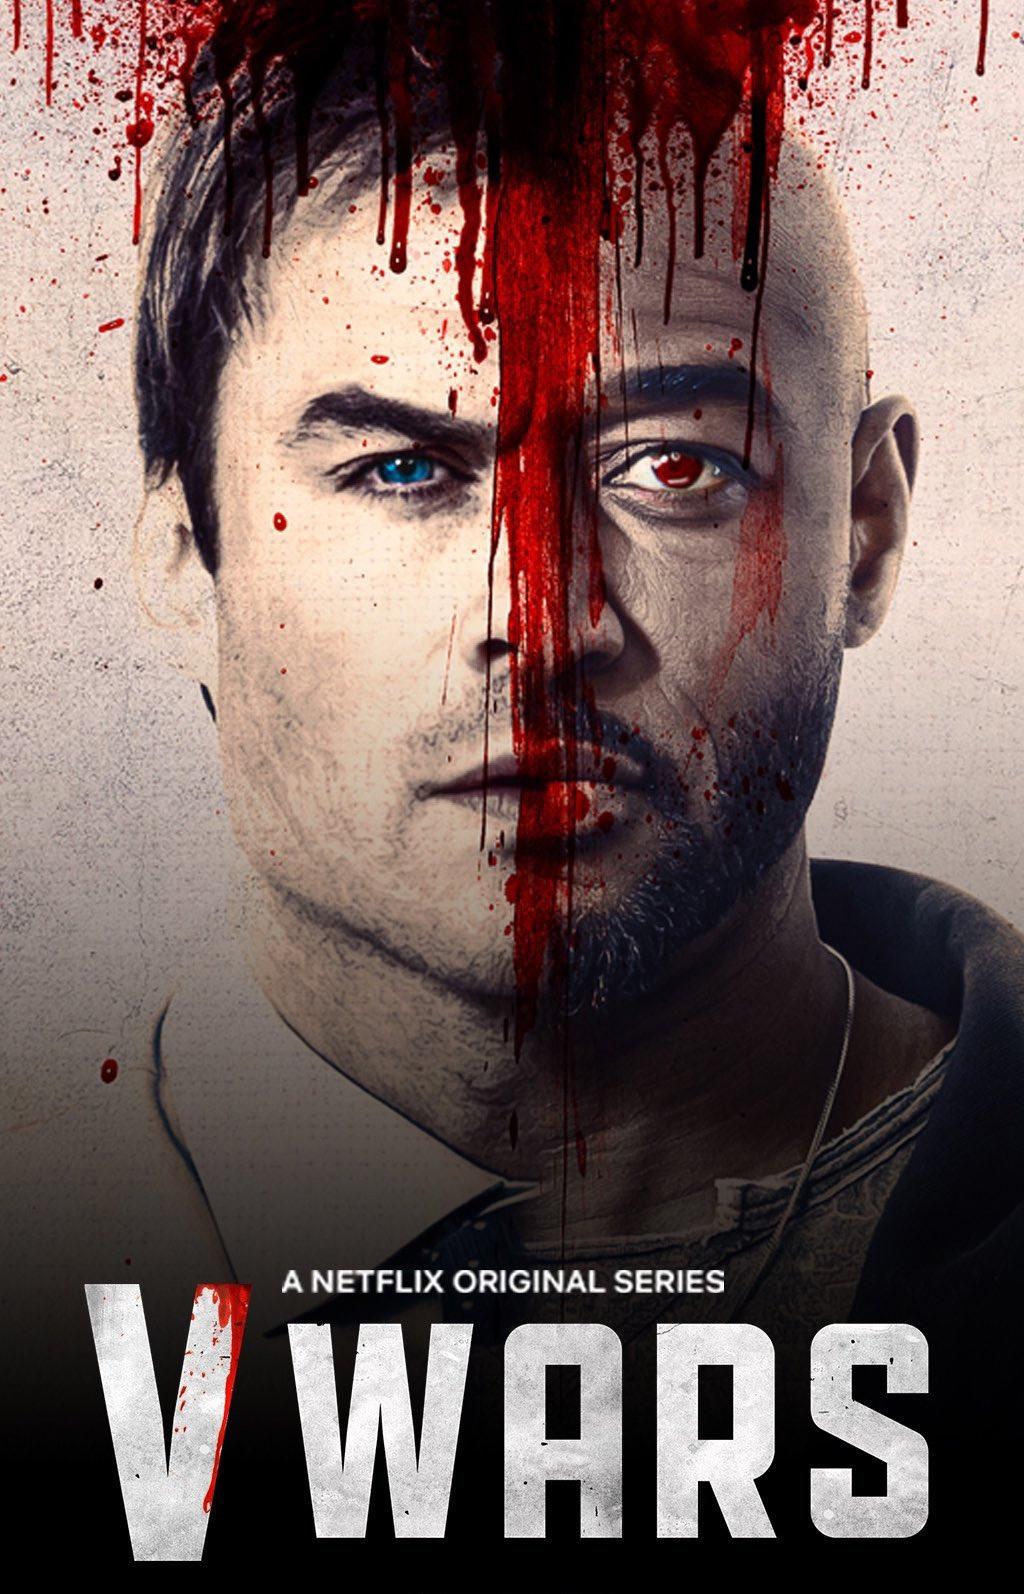 V Wars | Ian Somerhalder enfrentará vampiros em nova série da Netflix